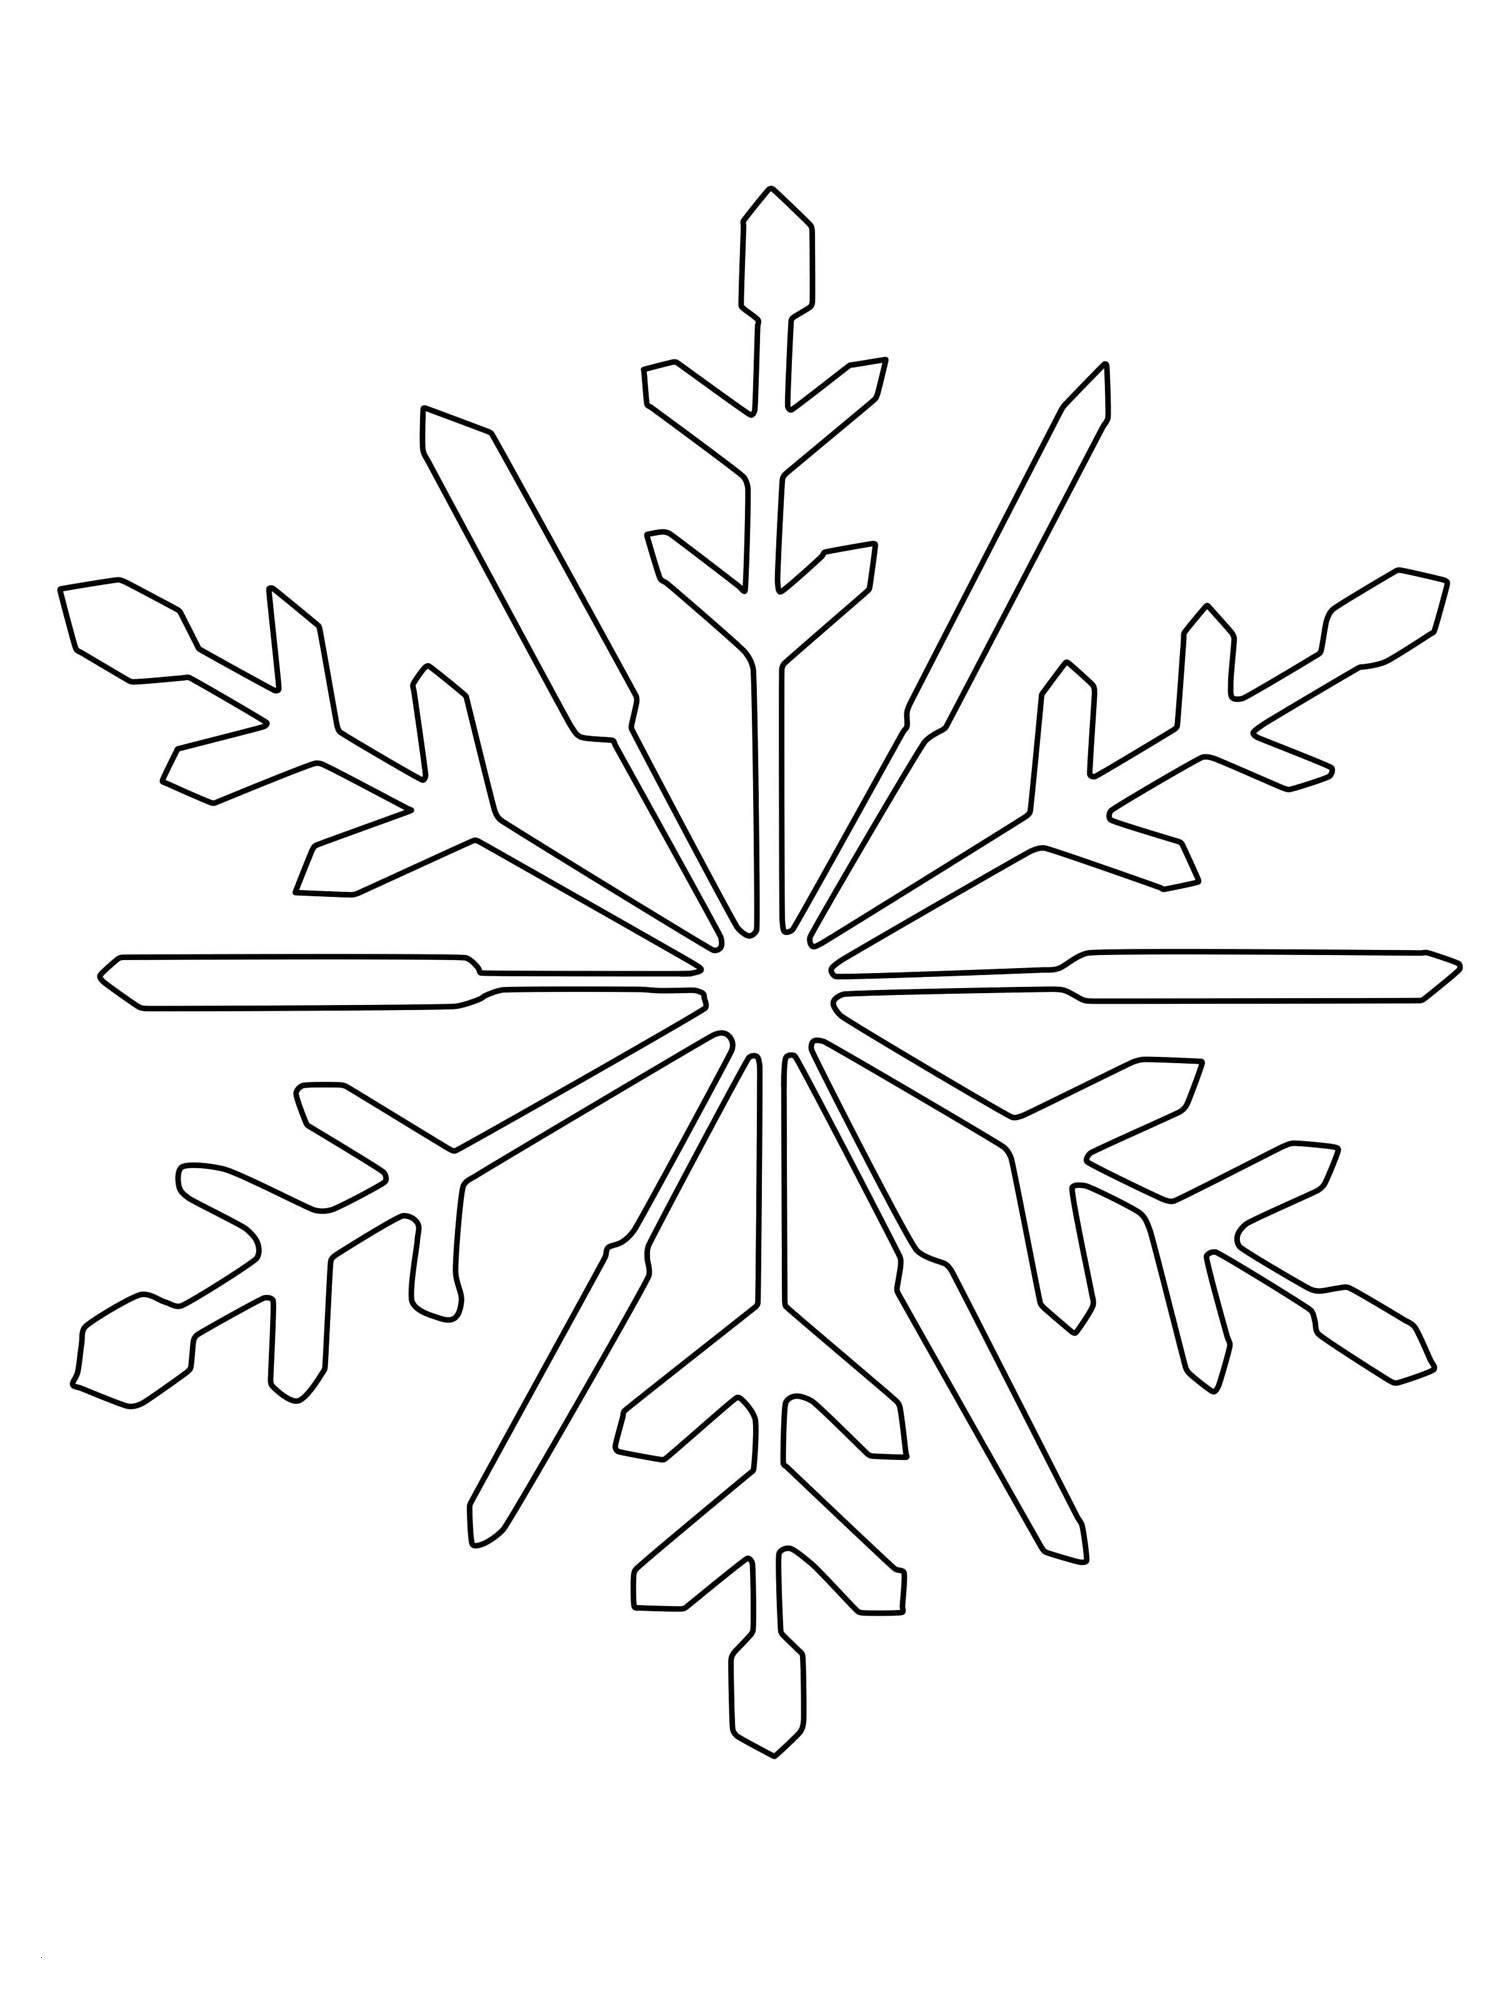 Stern Weihnachten Malvorlage Neu Ausmalbild Schneeflocken Und Sterne Schneeflocke Zum Ausmalen Fotos